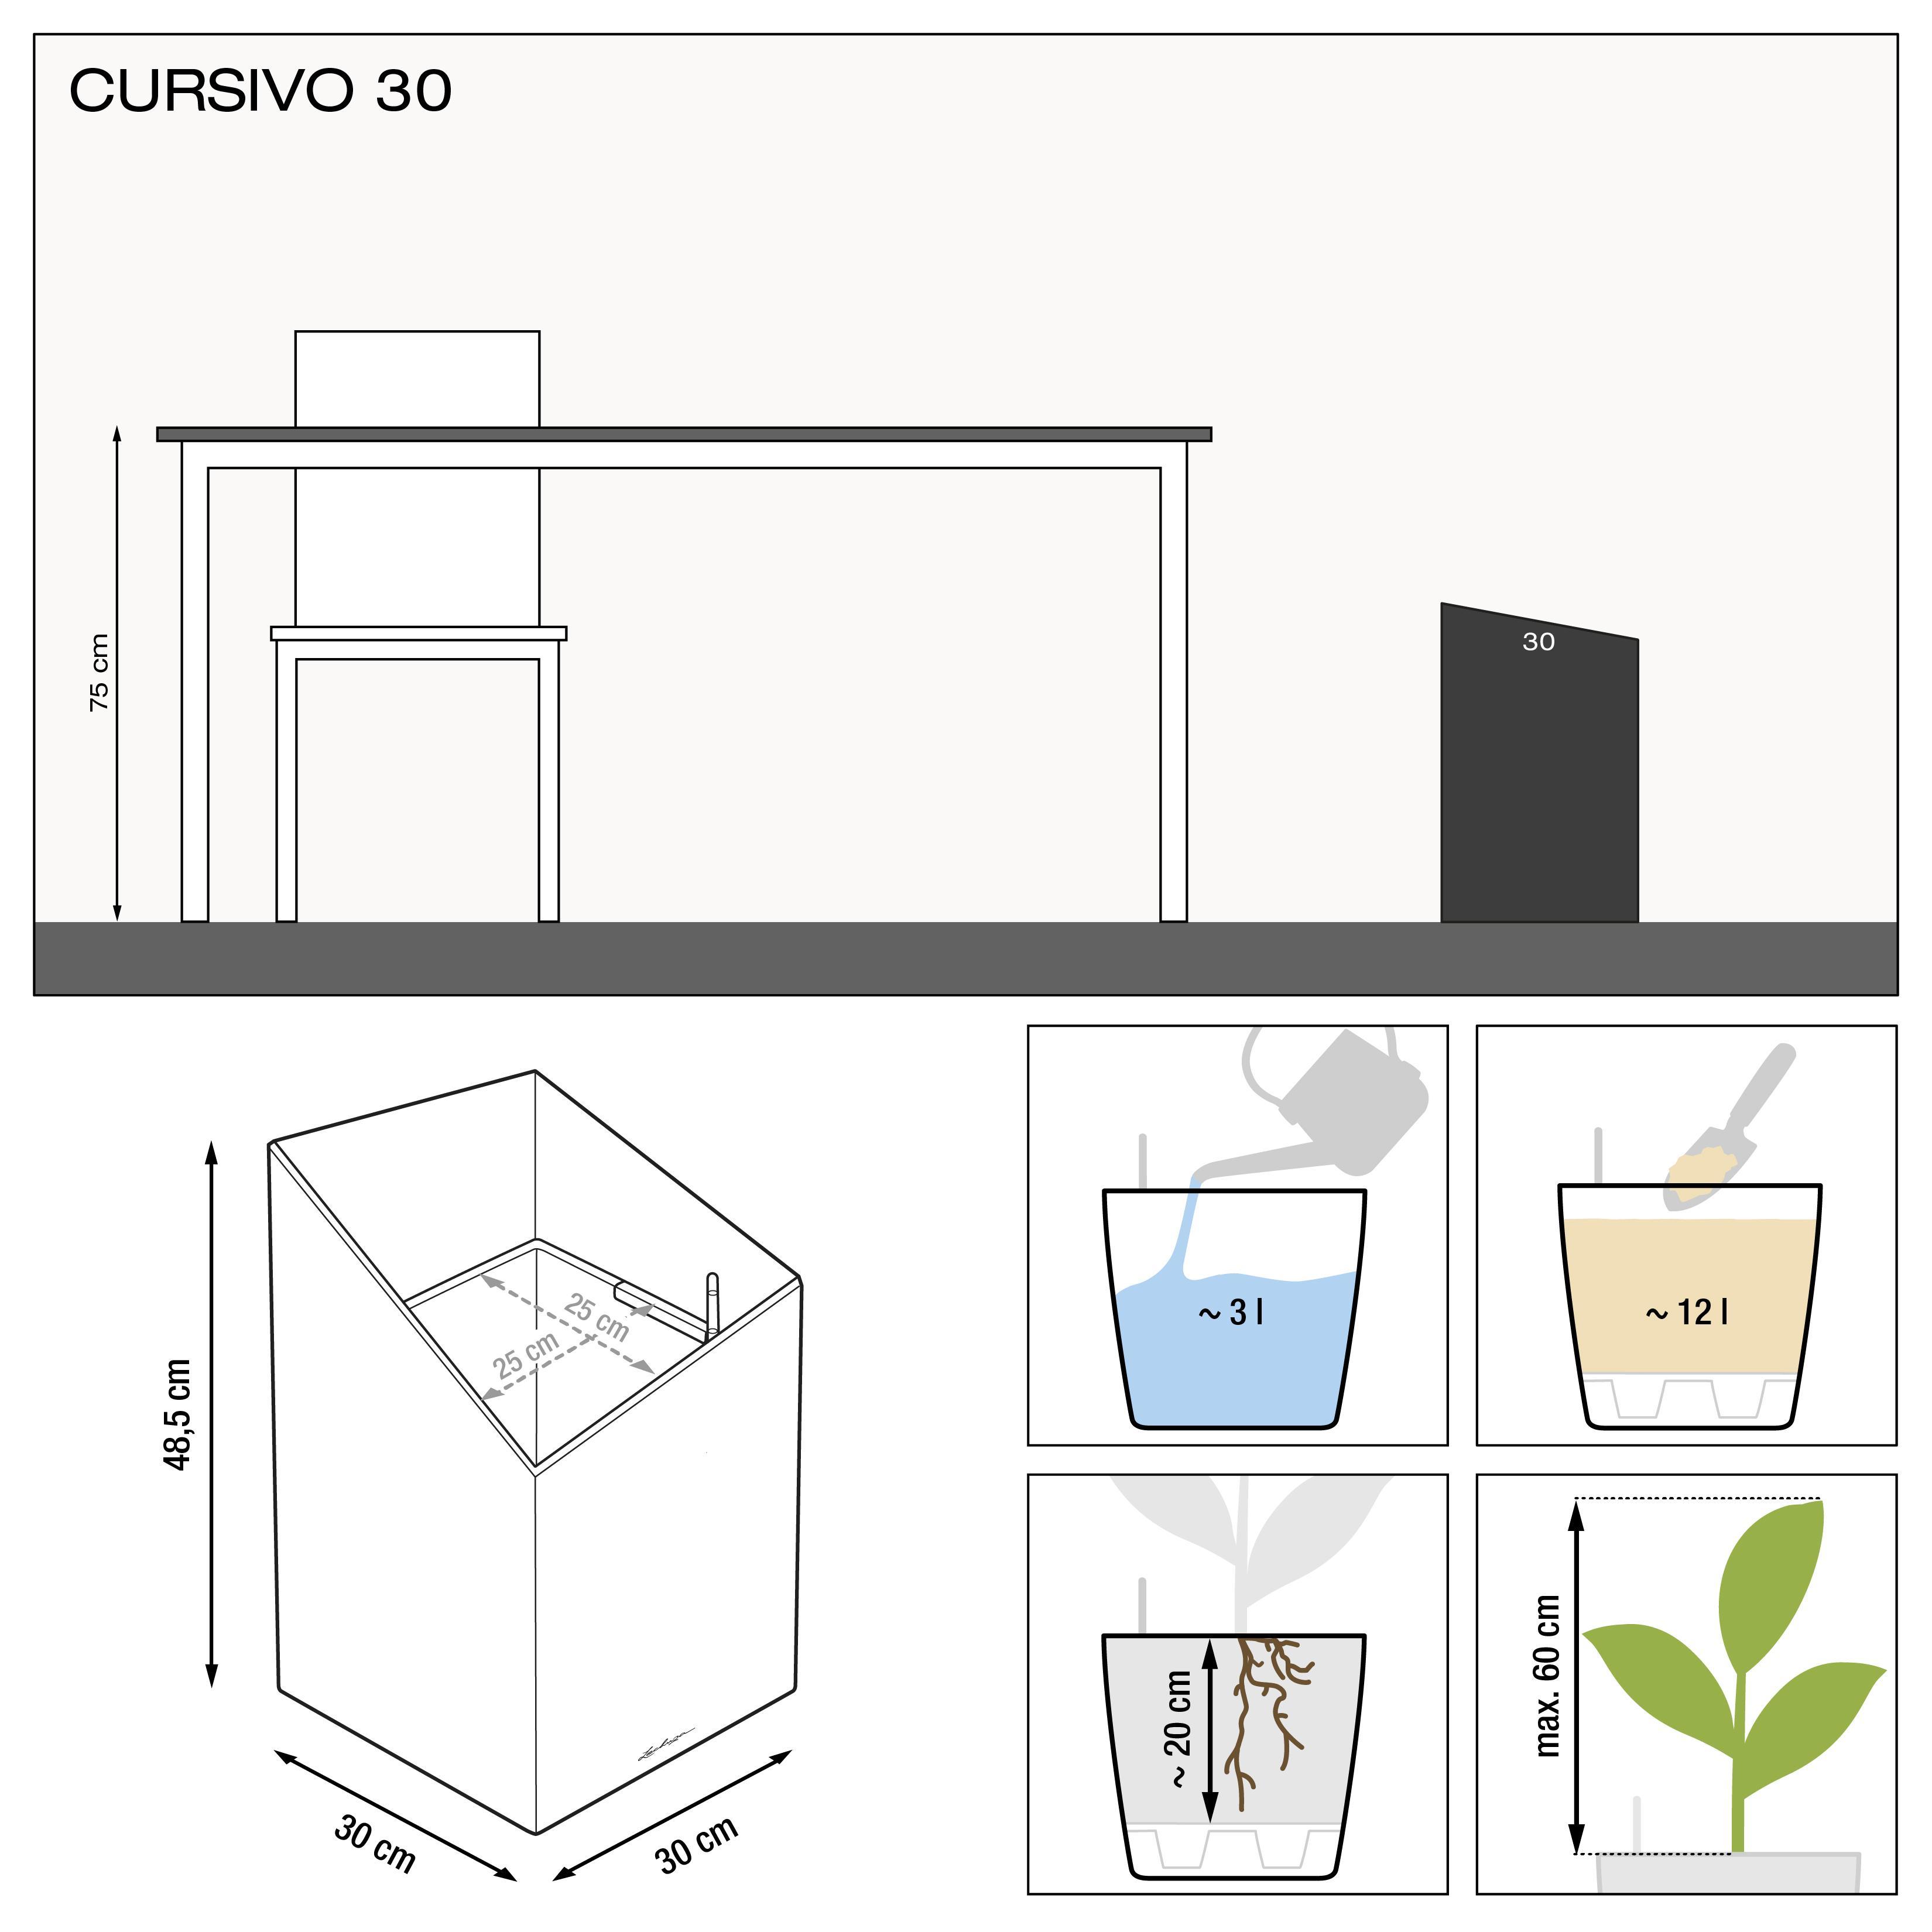 CURSIVO 30 weiß hochglanz - Bild 3